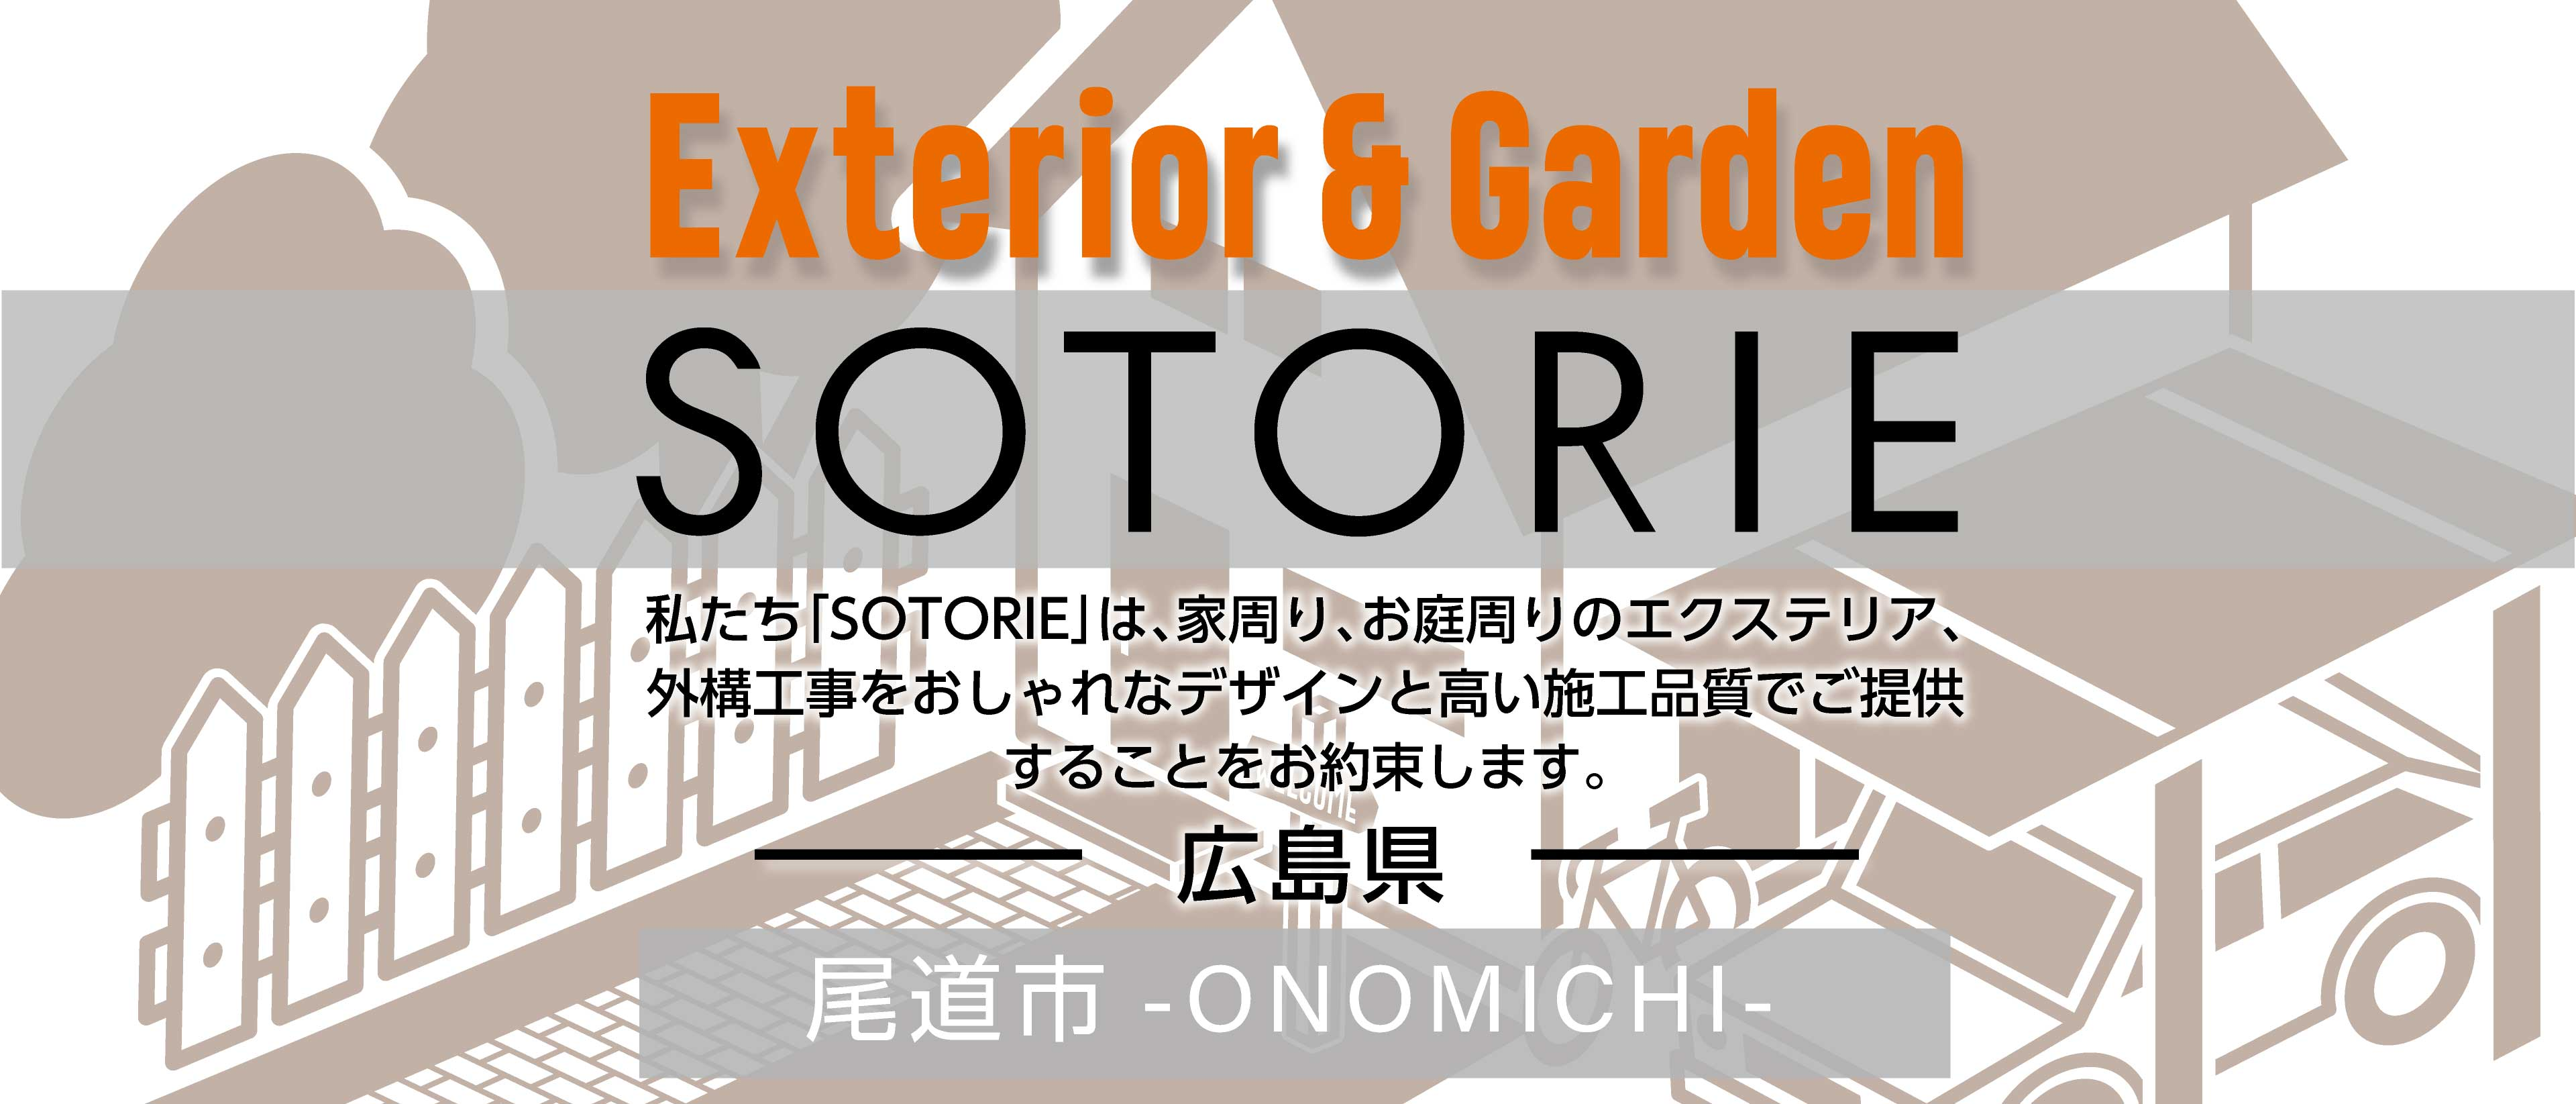 ソトリエ尾道市では、家周りと庭周りの外構、エクステリア工事をおしゃれなデザインと高い施工品質でご提供することをお約束します。